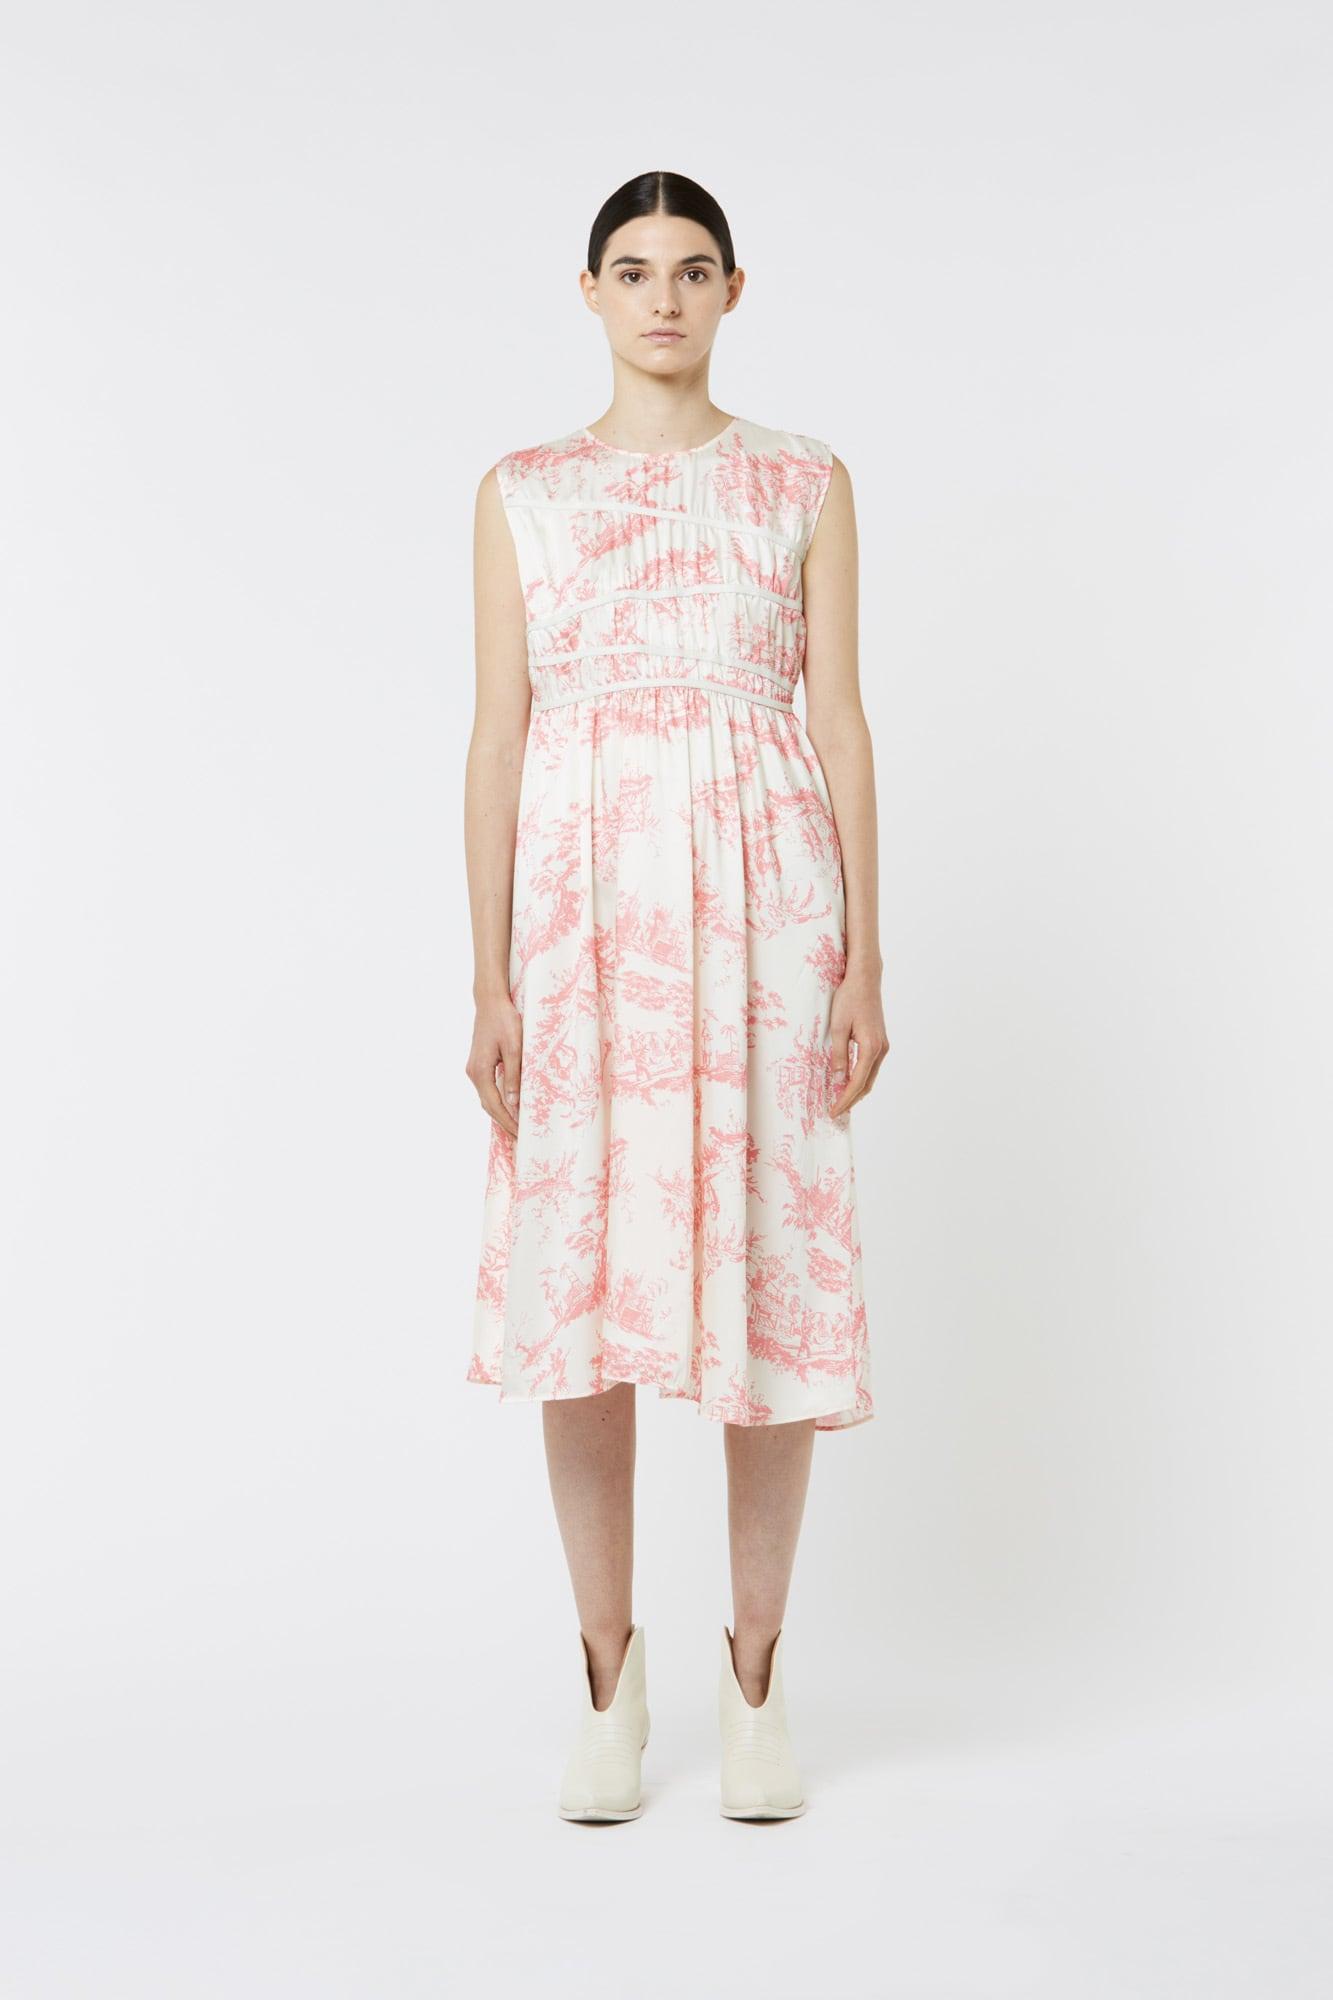 Toile de Jouy Sleeveless Dress in Silk Twill